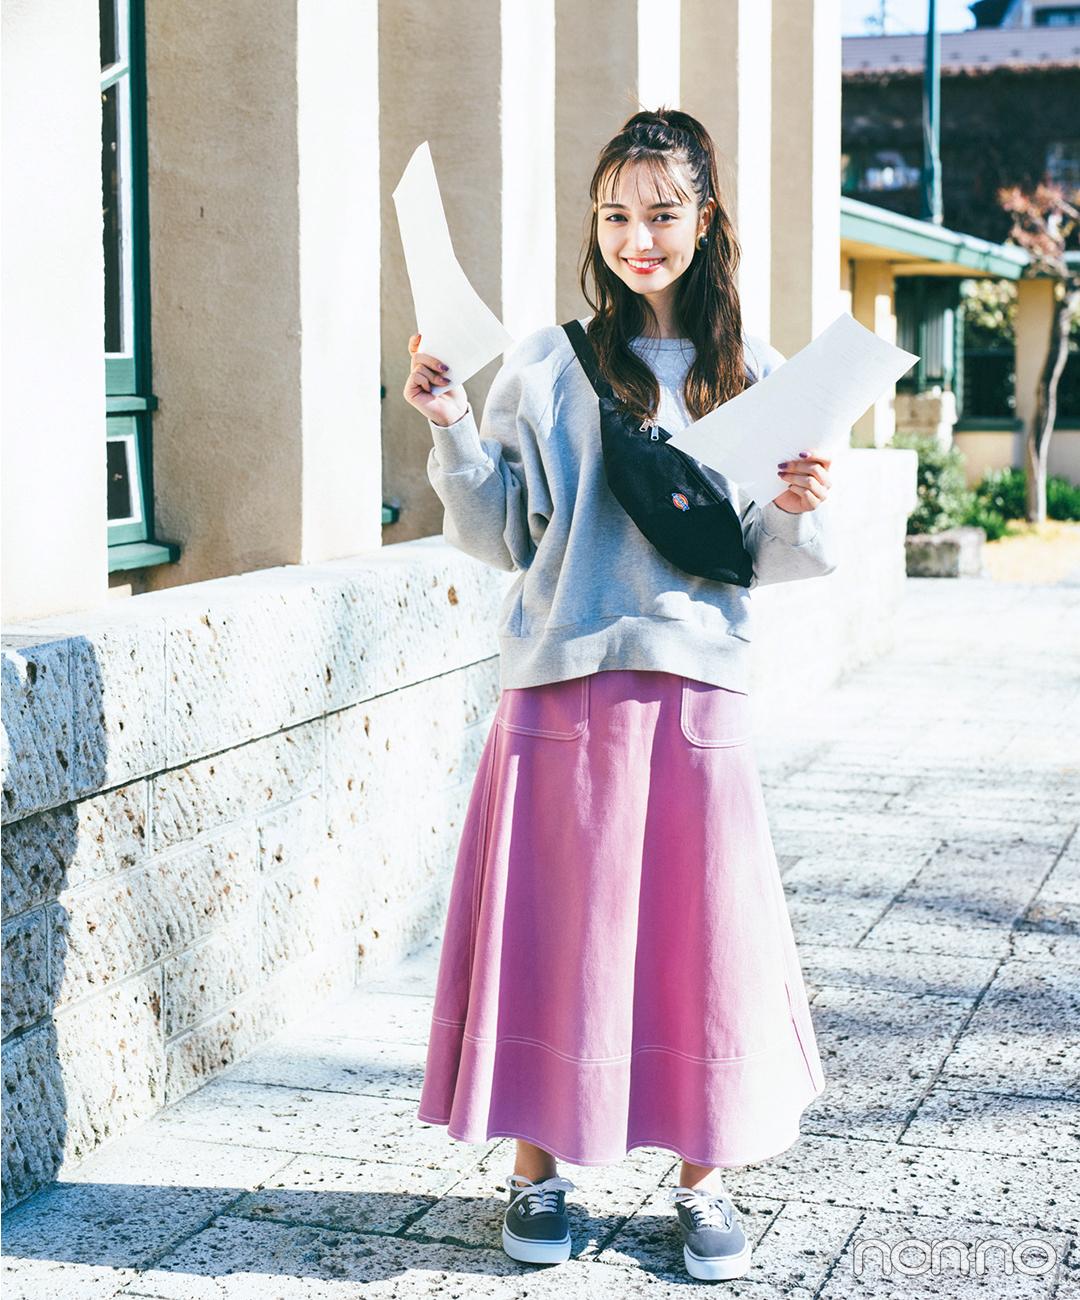 ガーリーなピンクスカートをスウェットでスポーツミックスが気分【毎日コーデ】_1_1